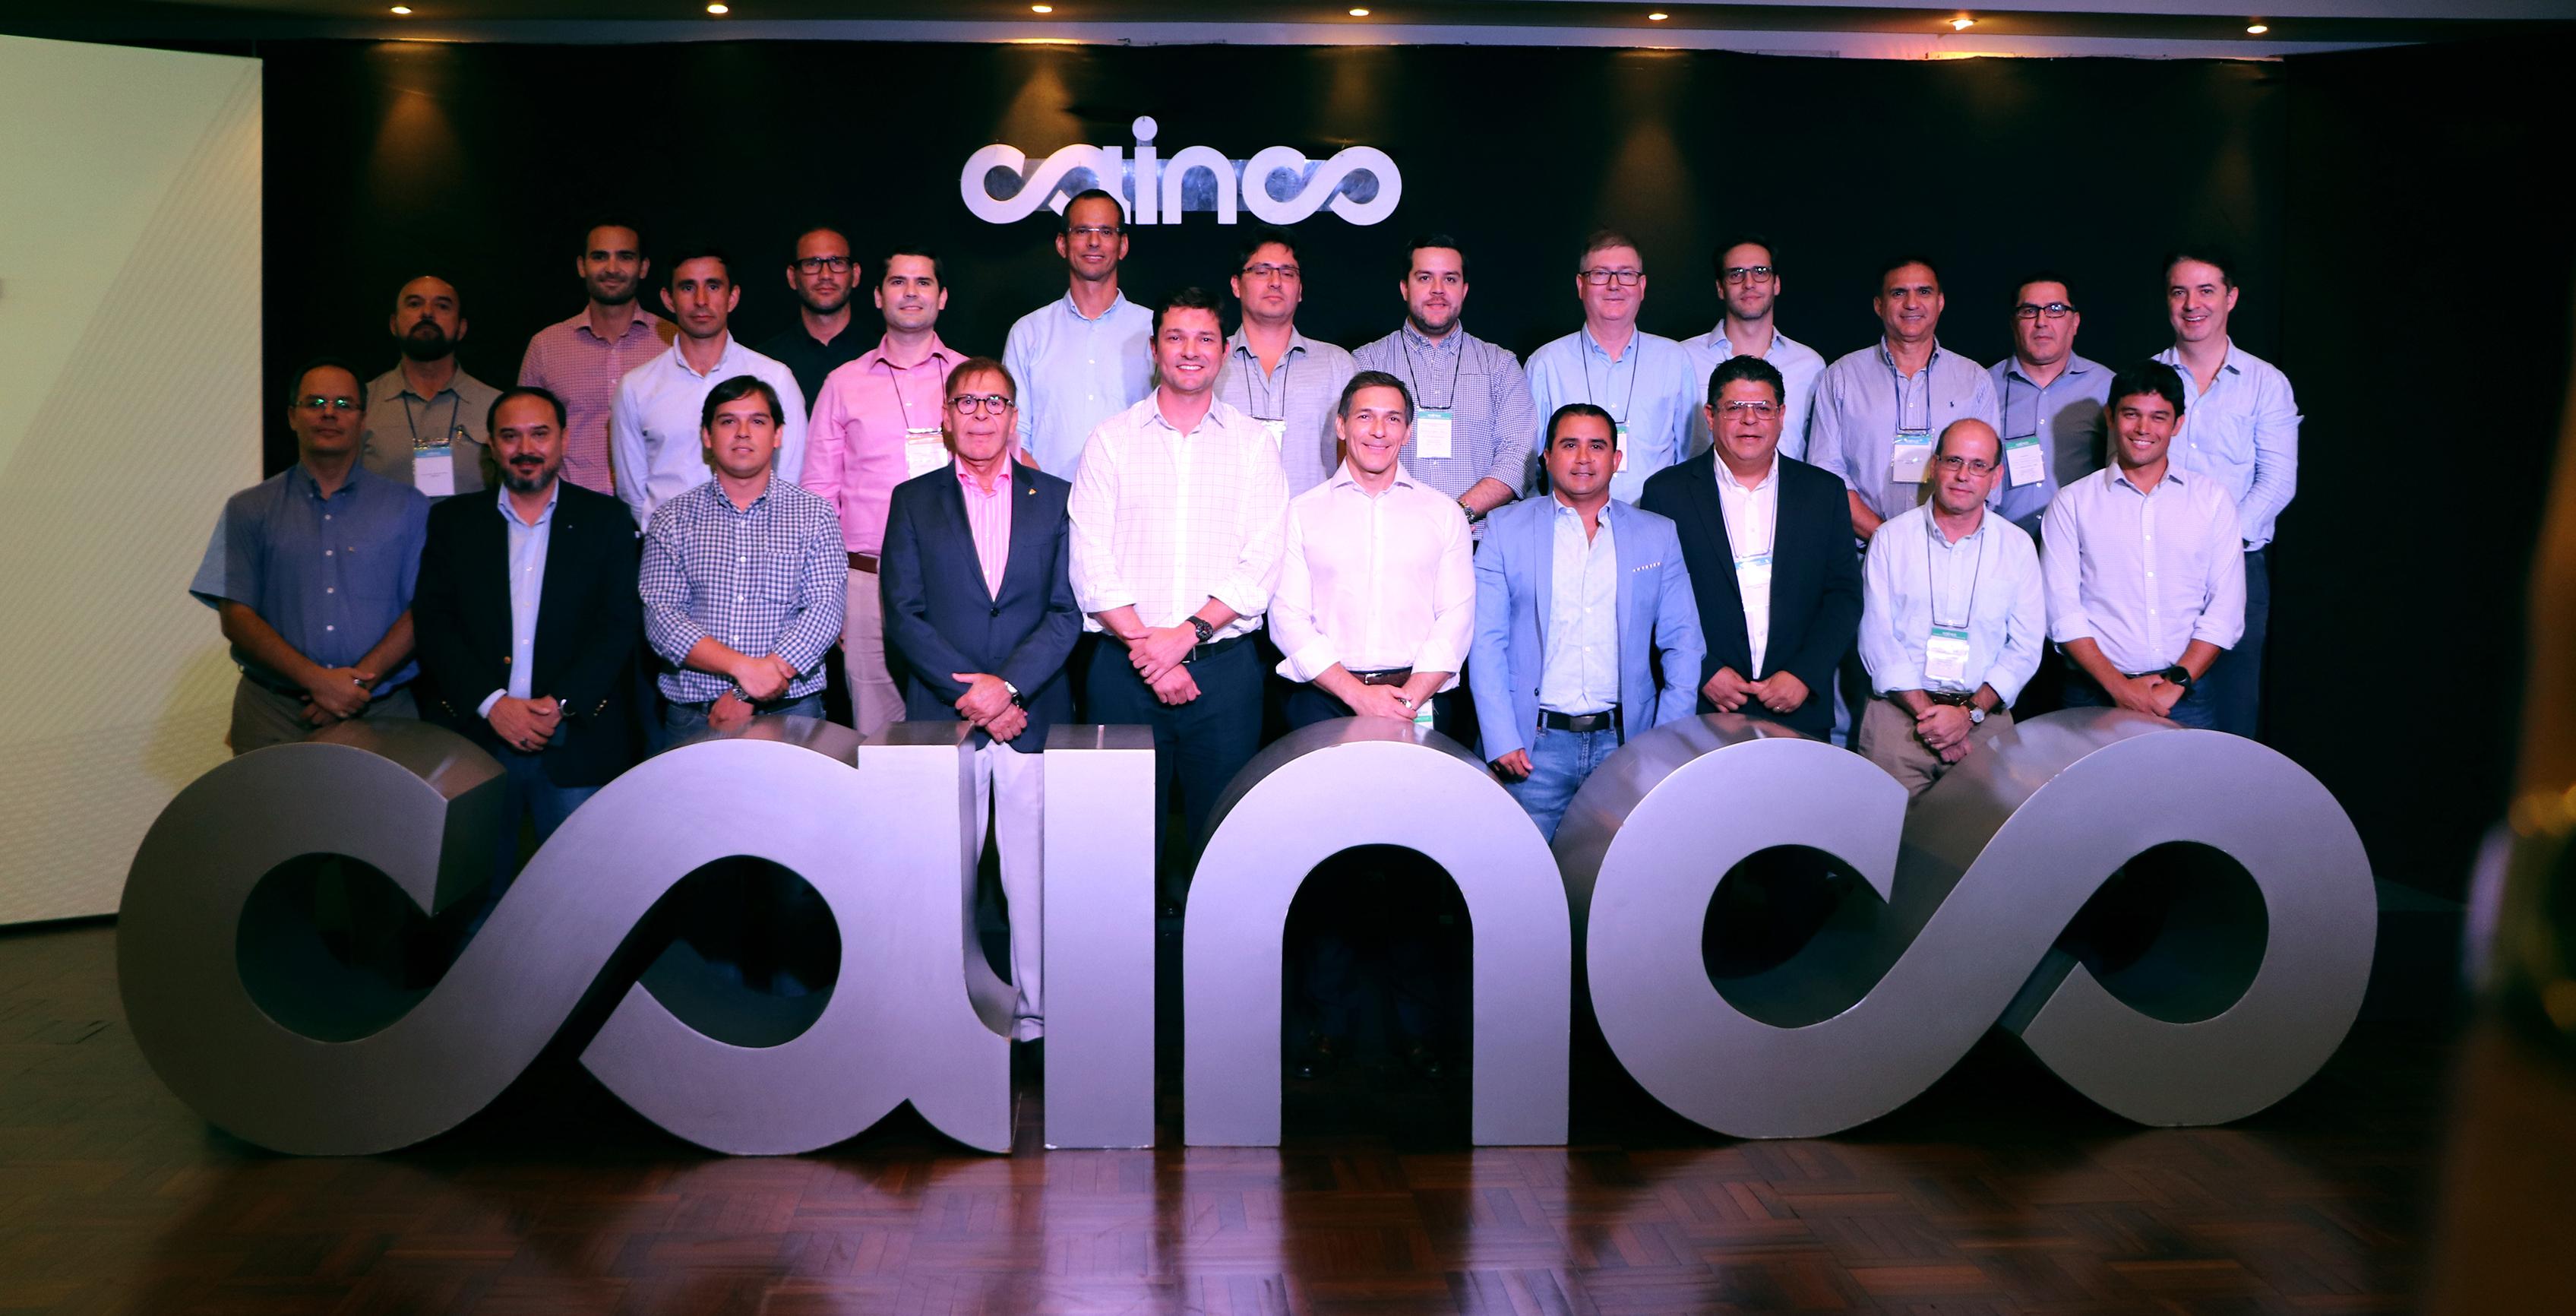 CAINCO renueva su Directorio para la gestión 2019-2020